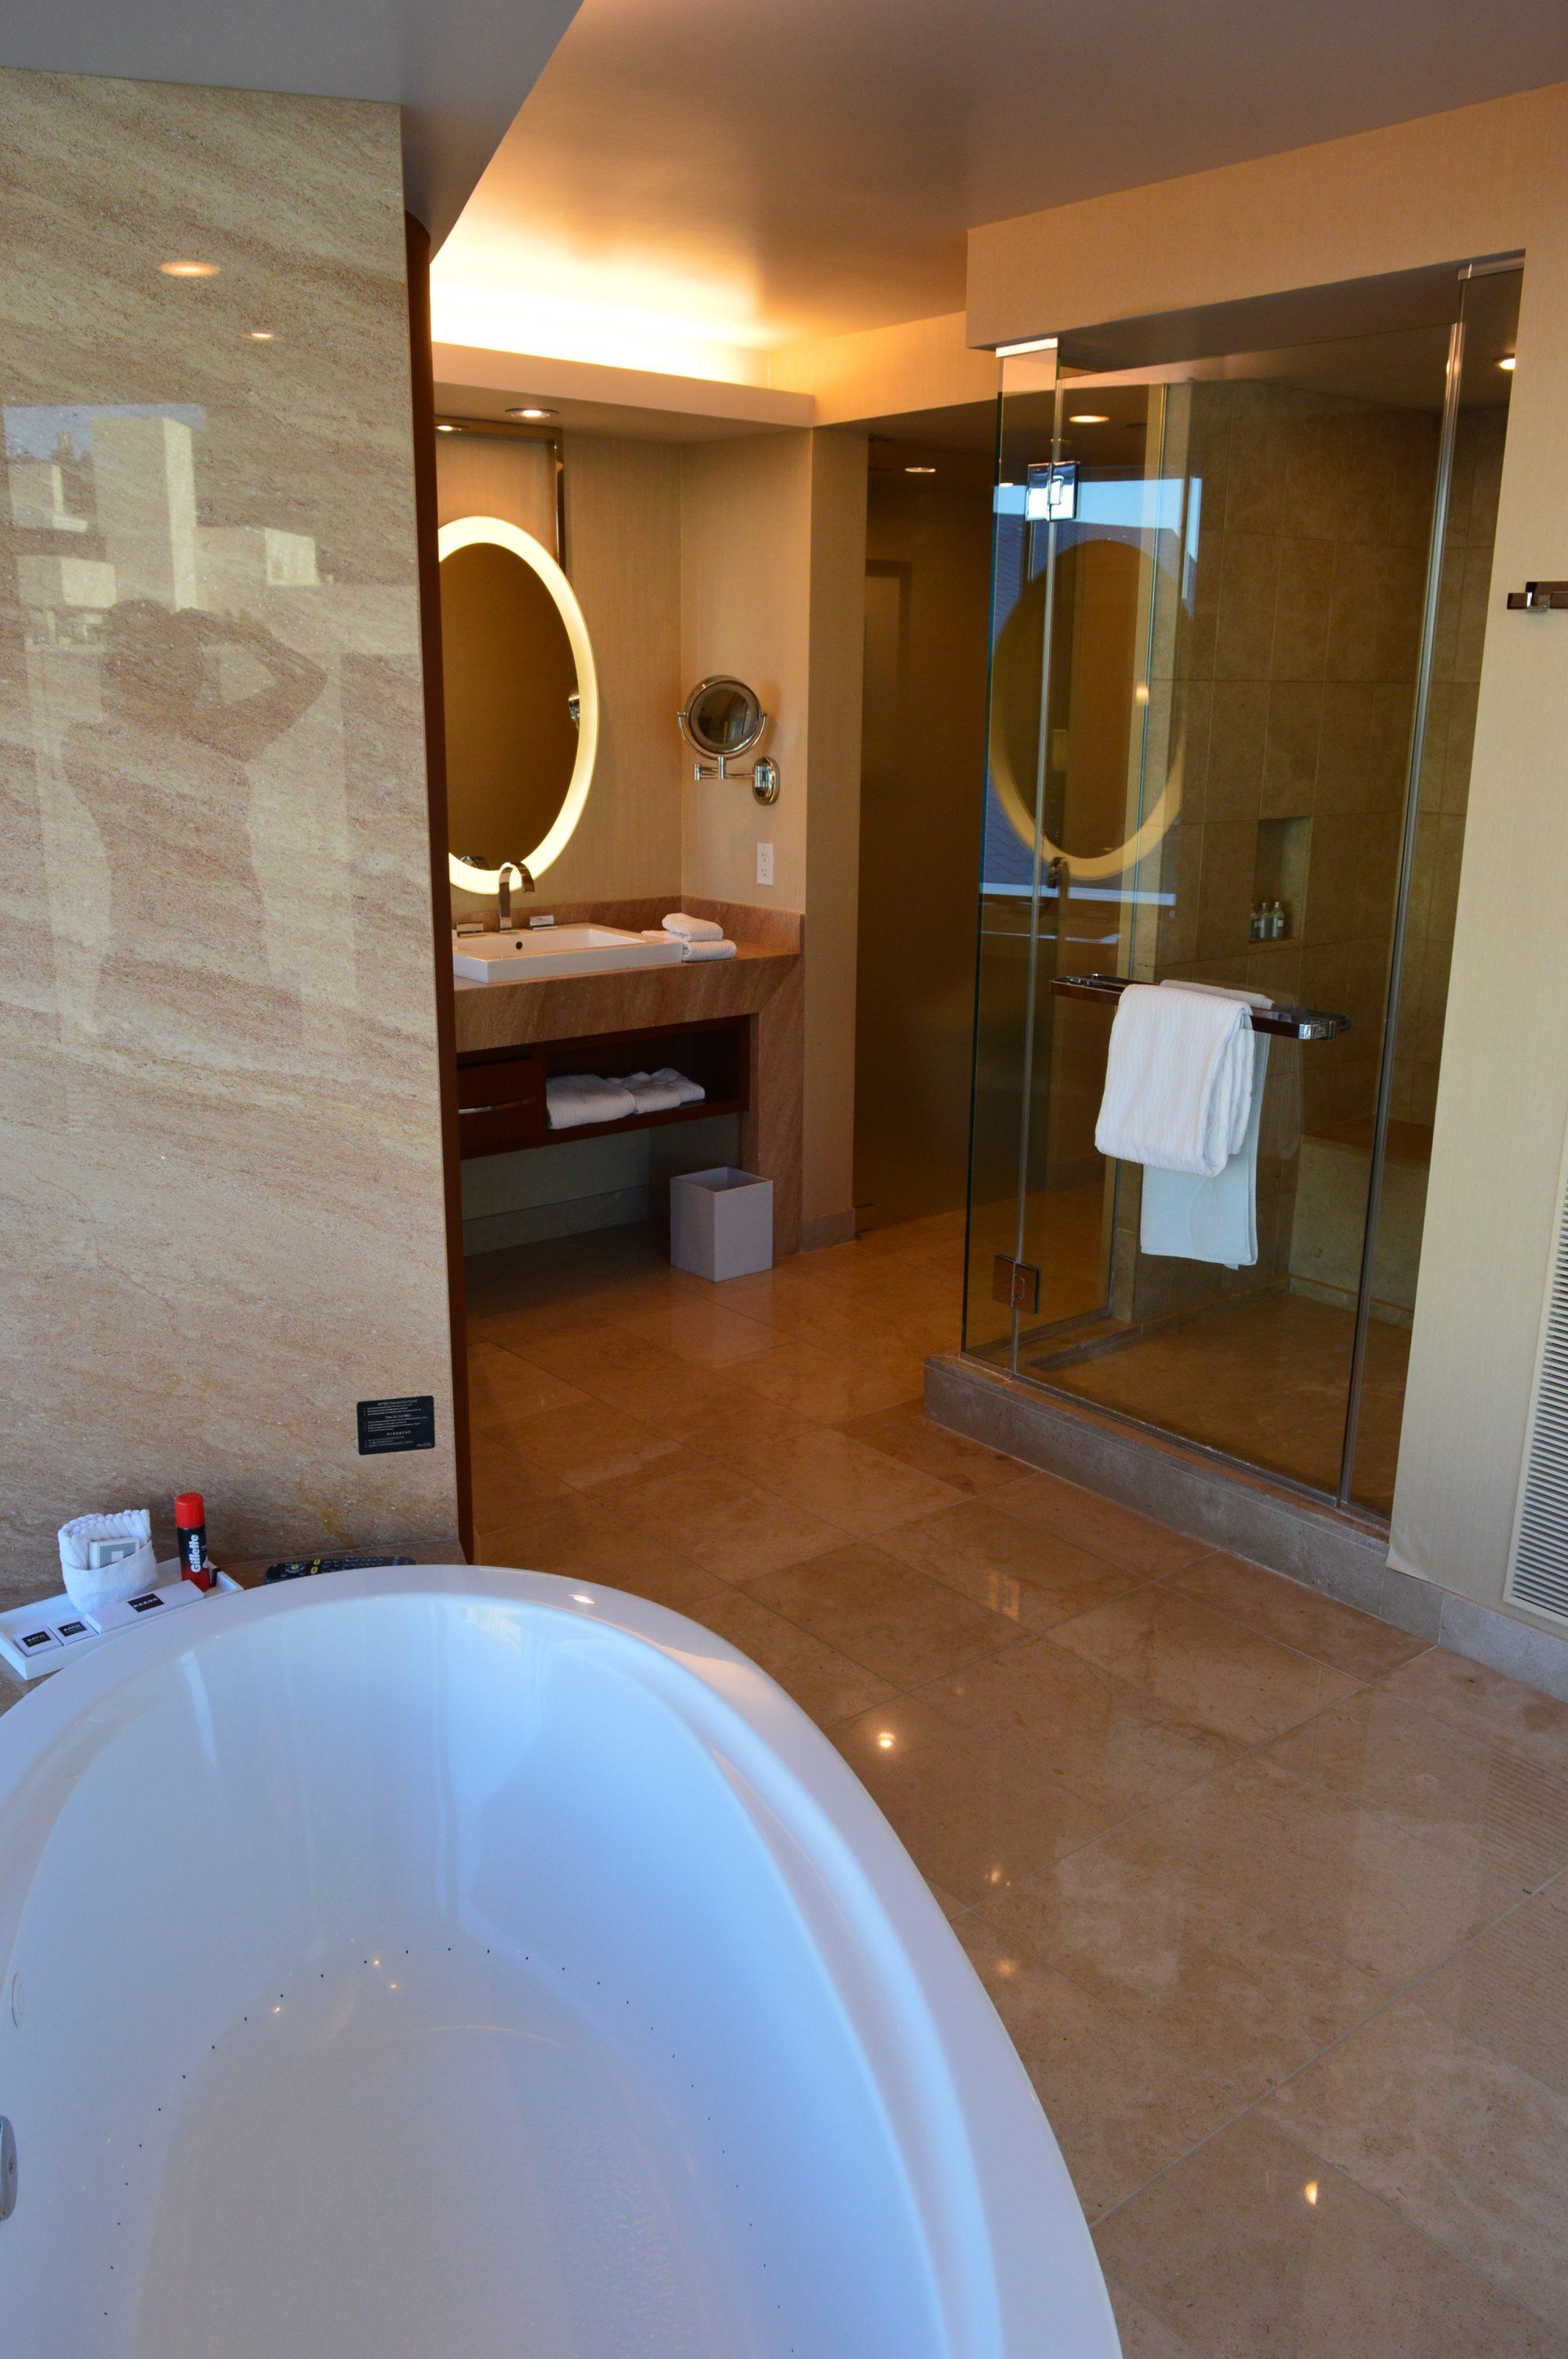 Aria Las Vegas Tower Suites Room